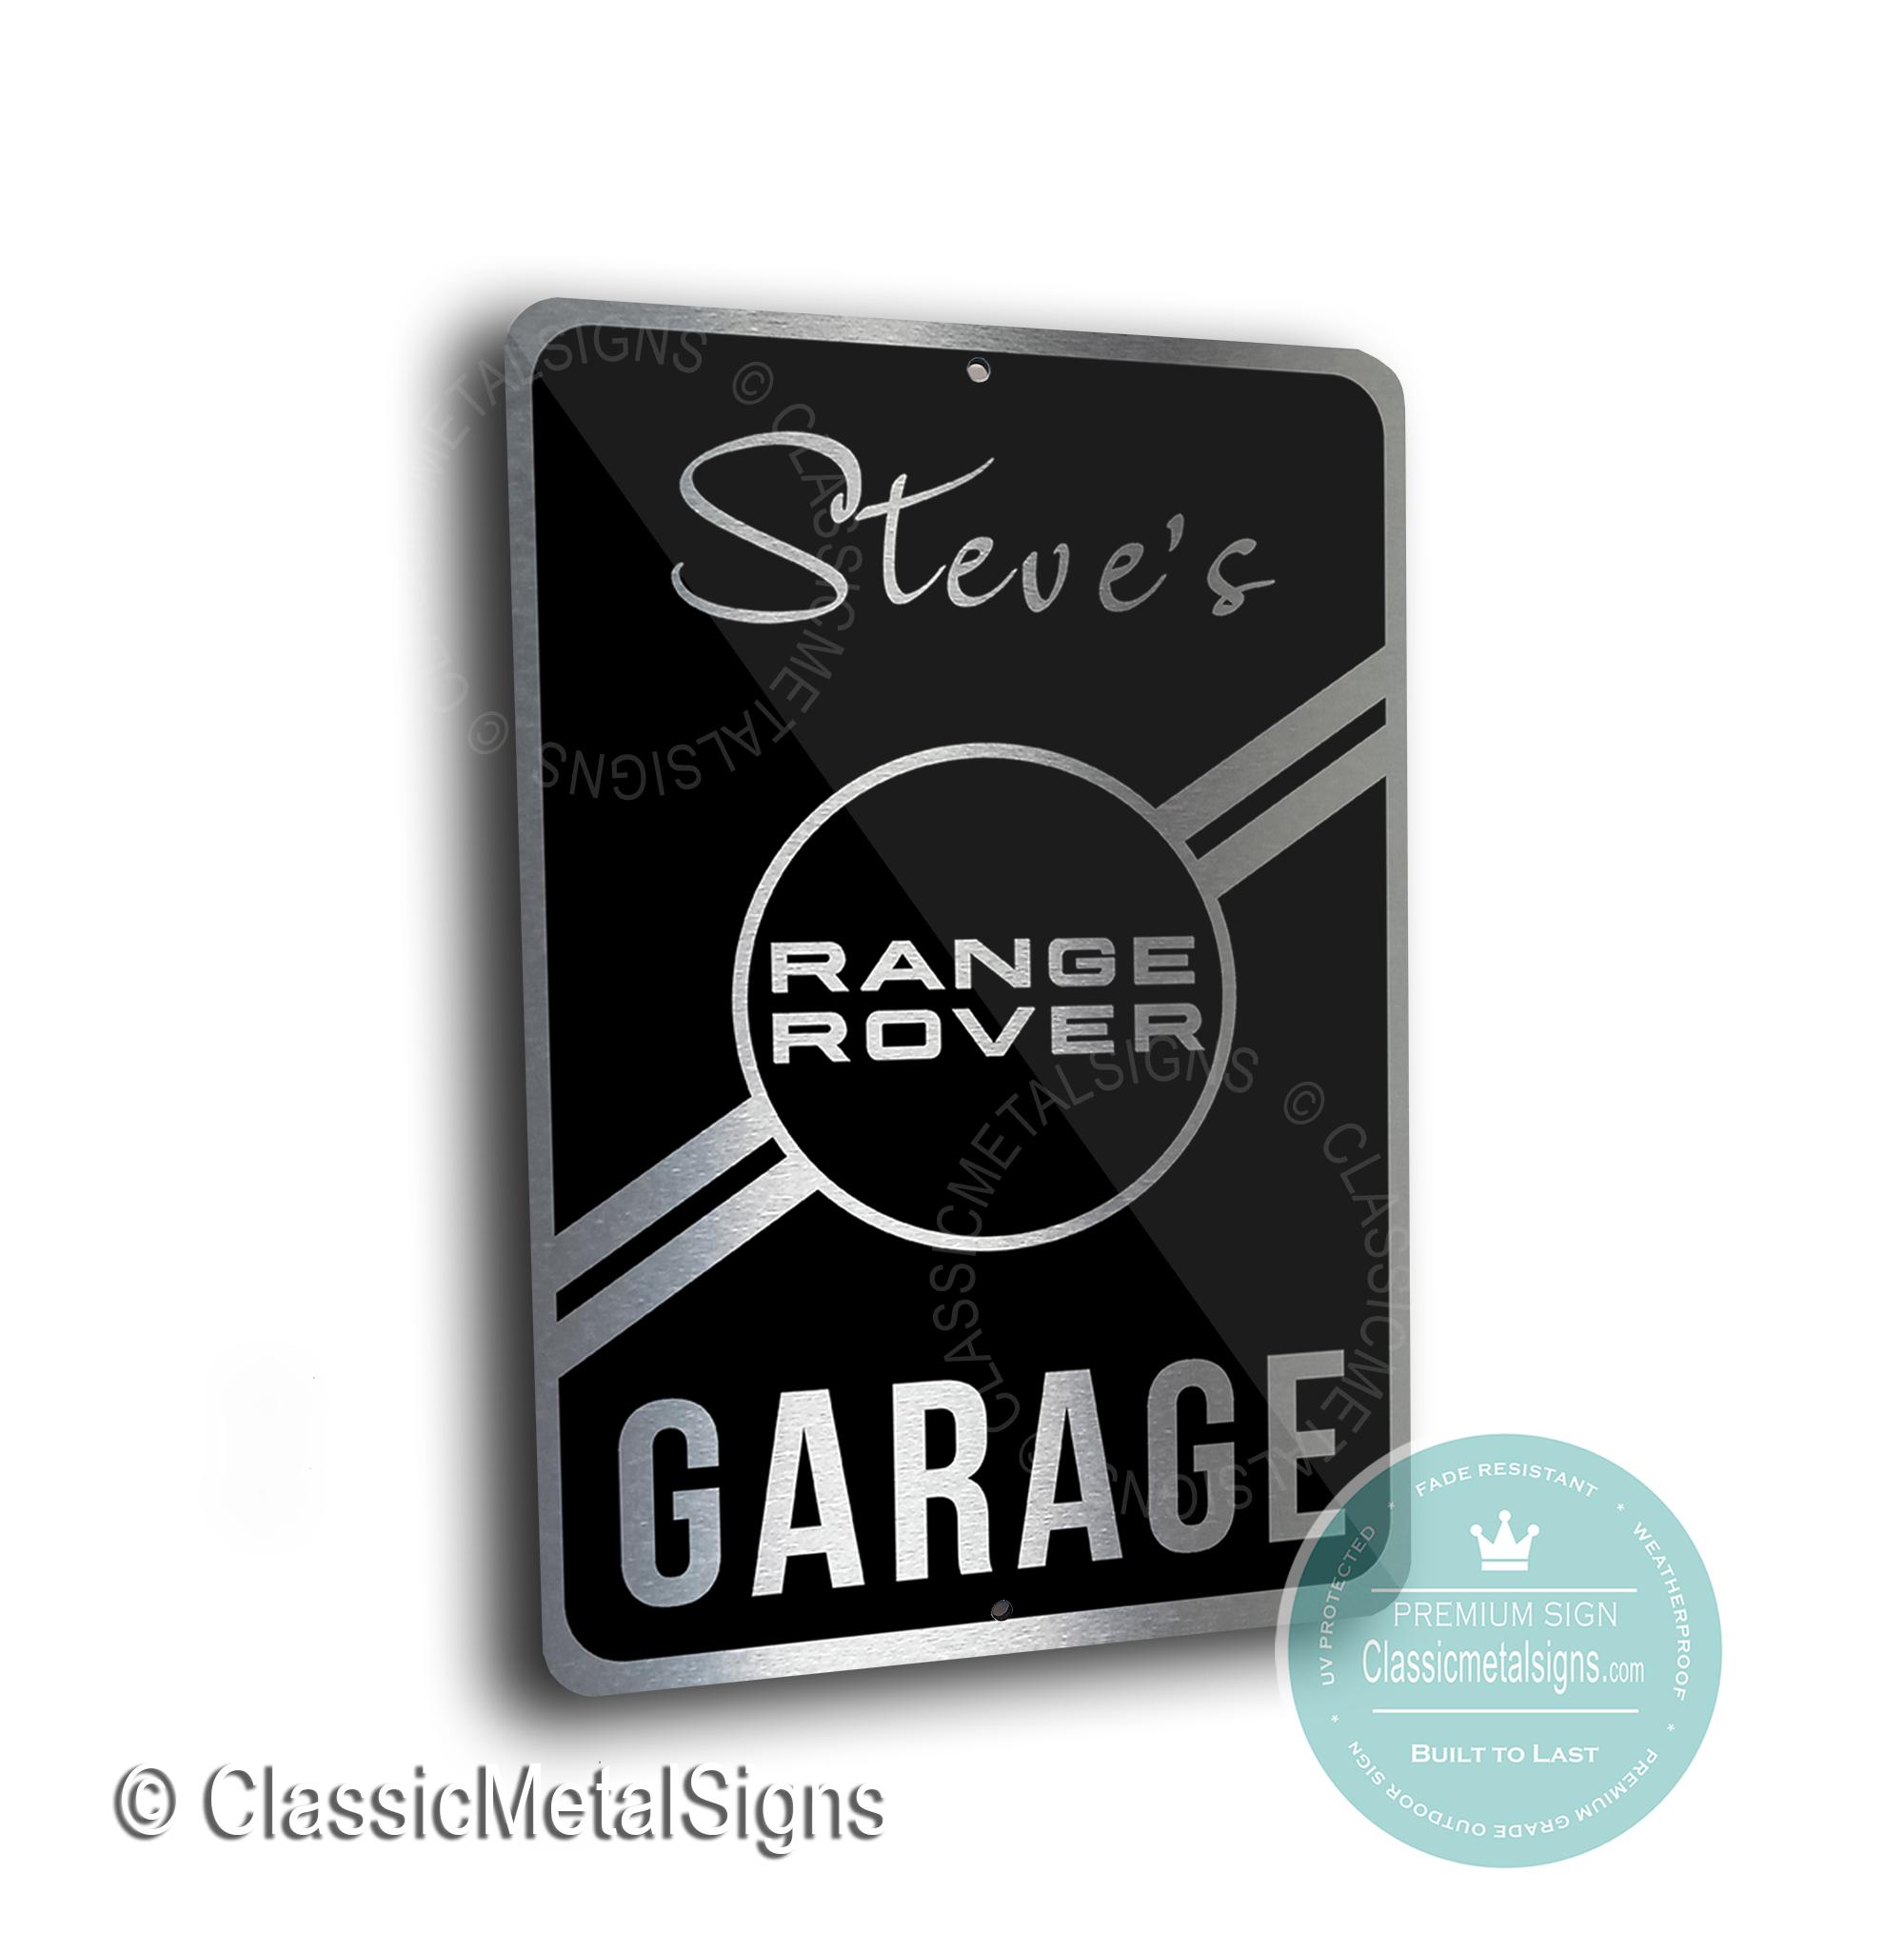 Range Rover Garage Signs